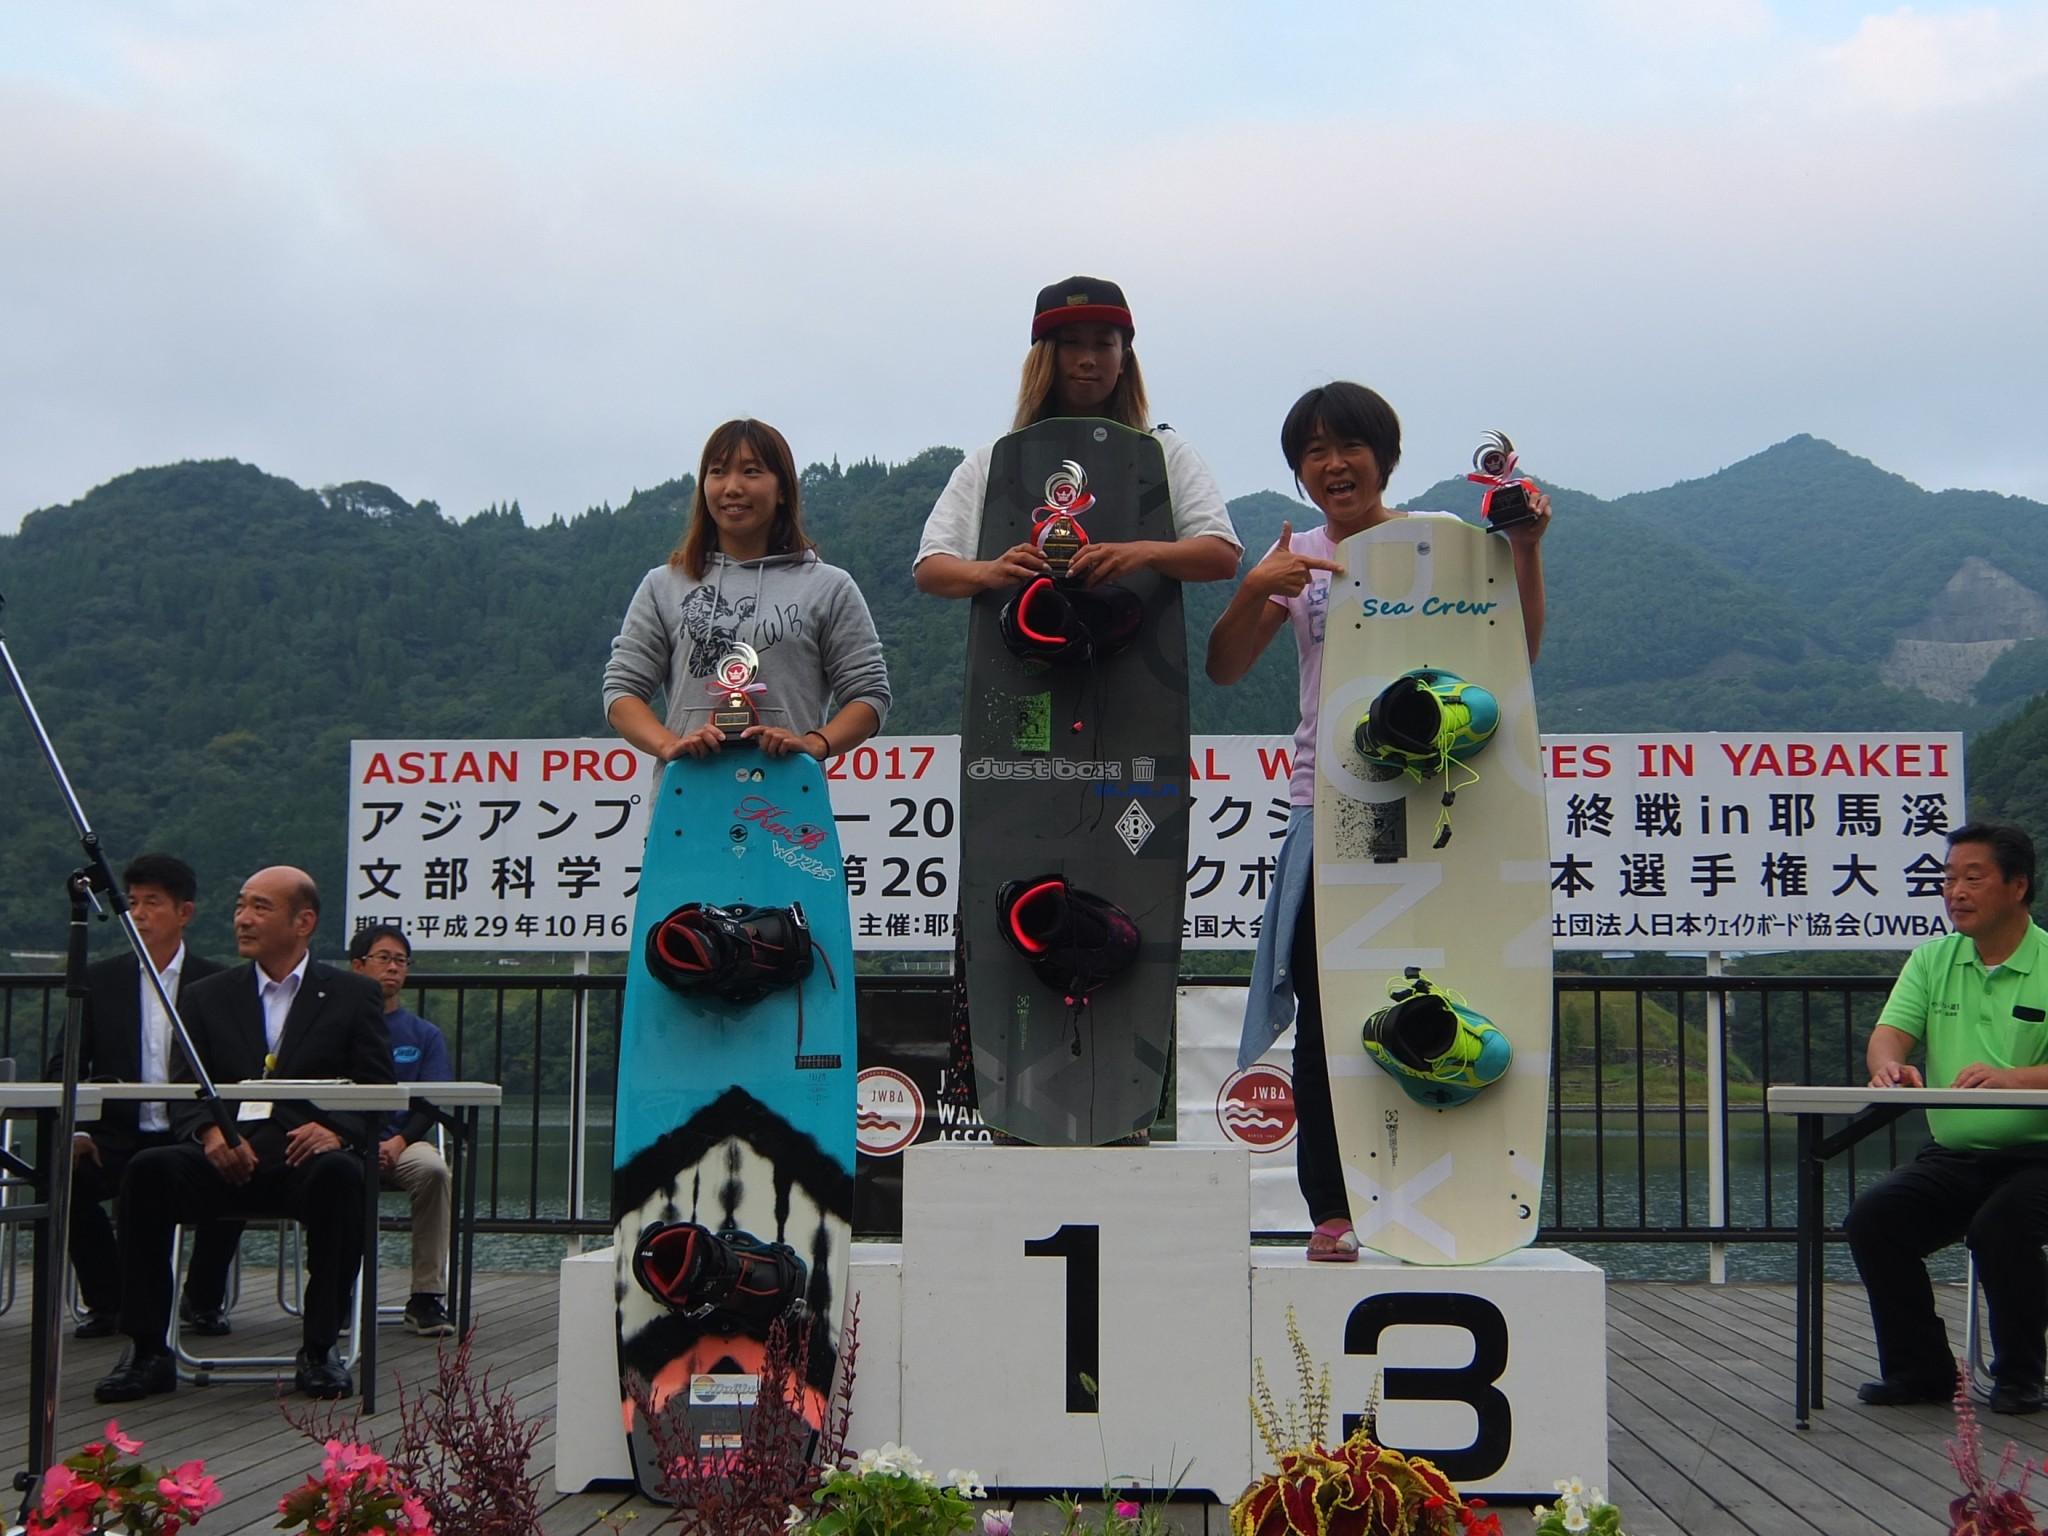 '17 全日本選手権&アマツアーFINAL  @耶馬渓 リザルト&MOVIE UP  DAY2